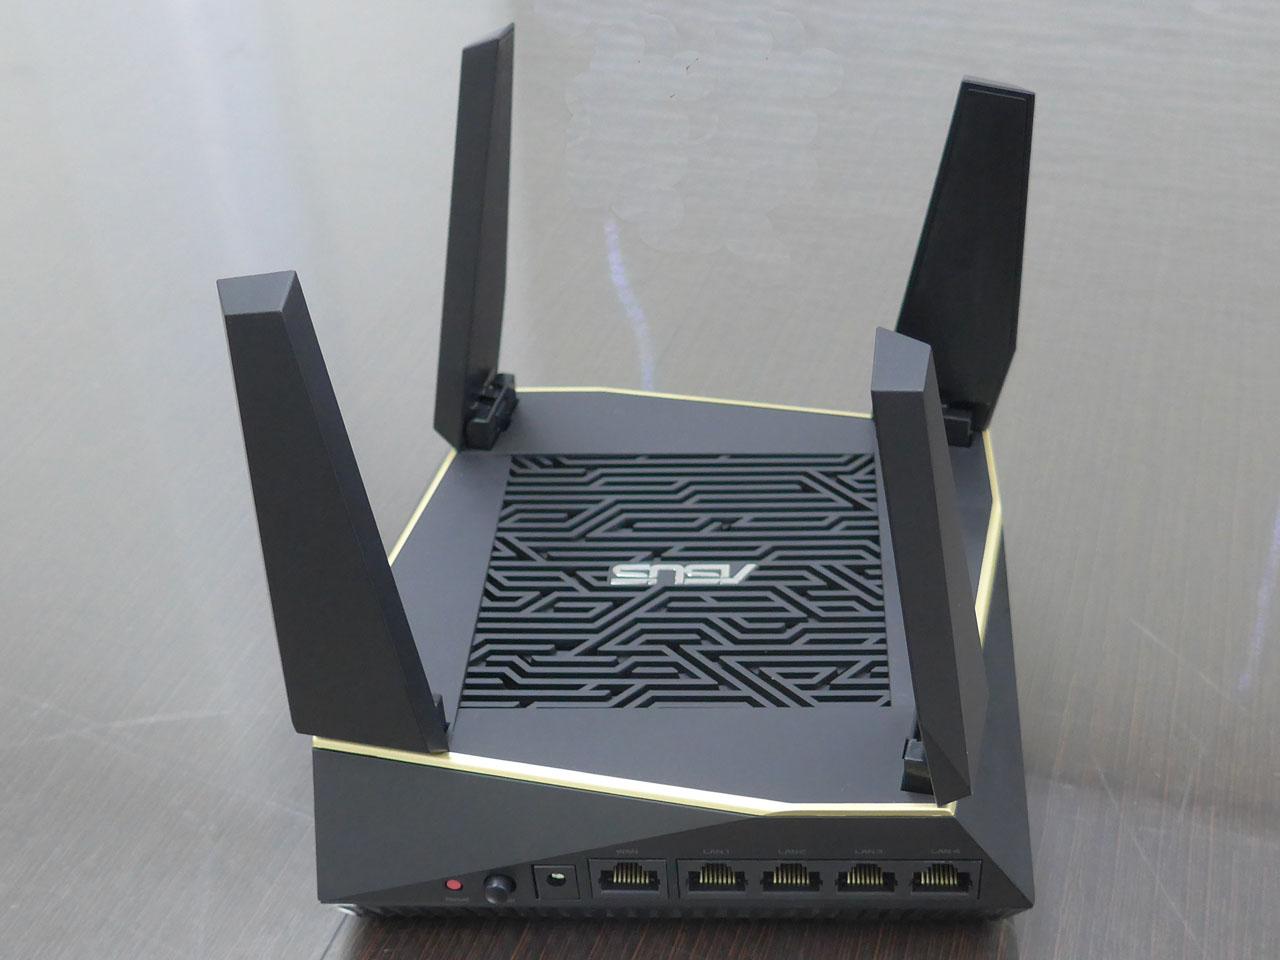 11ax対応の小型Wi-Fiルーター「RT-AX92U」。海外では2台セットが販売されている